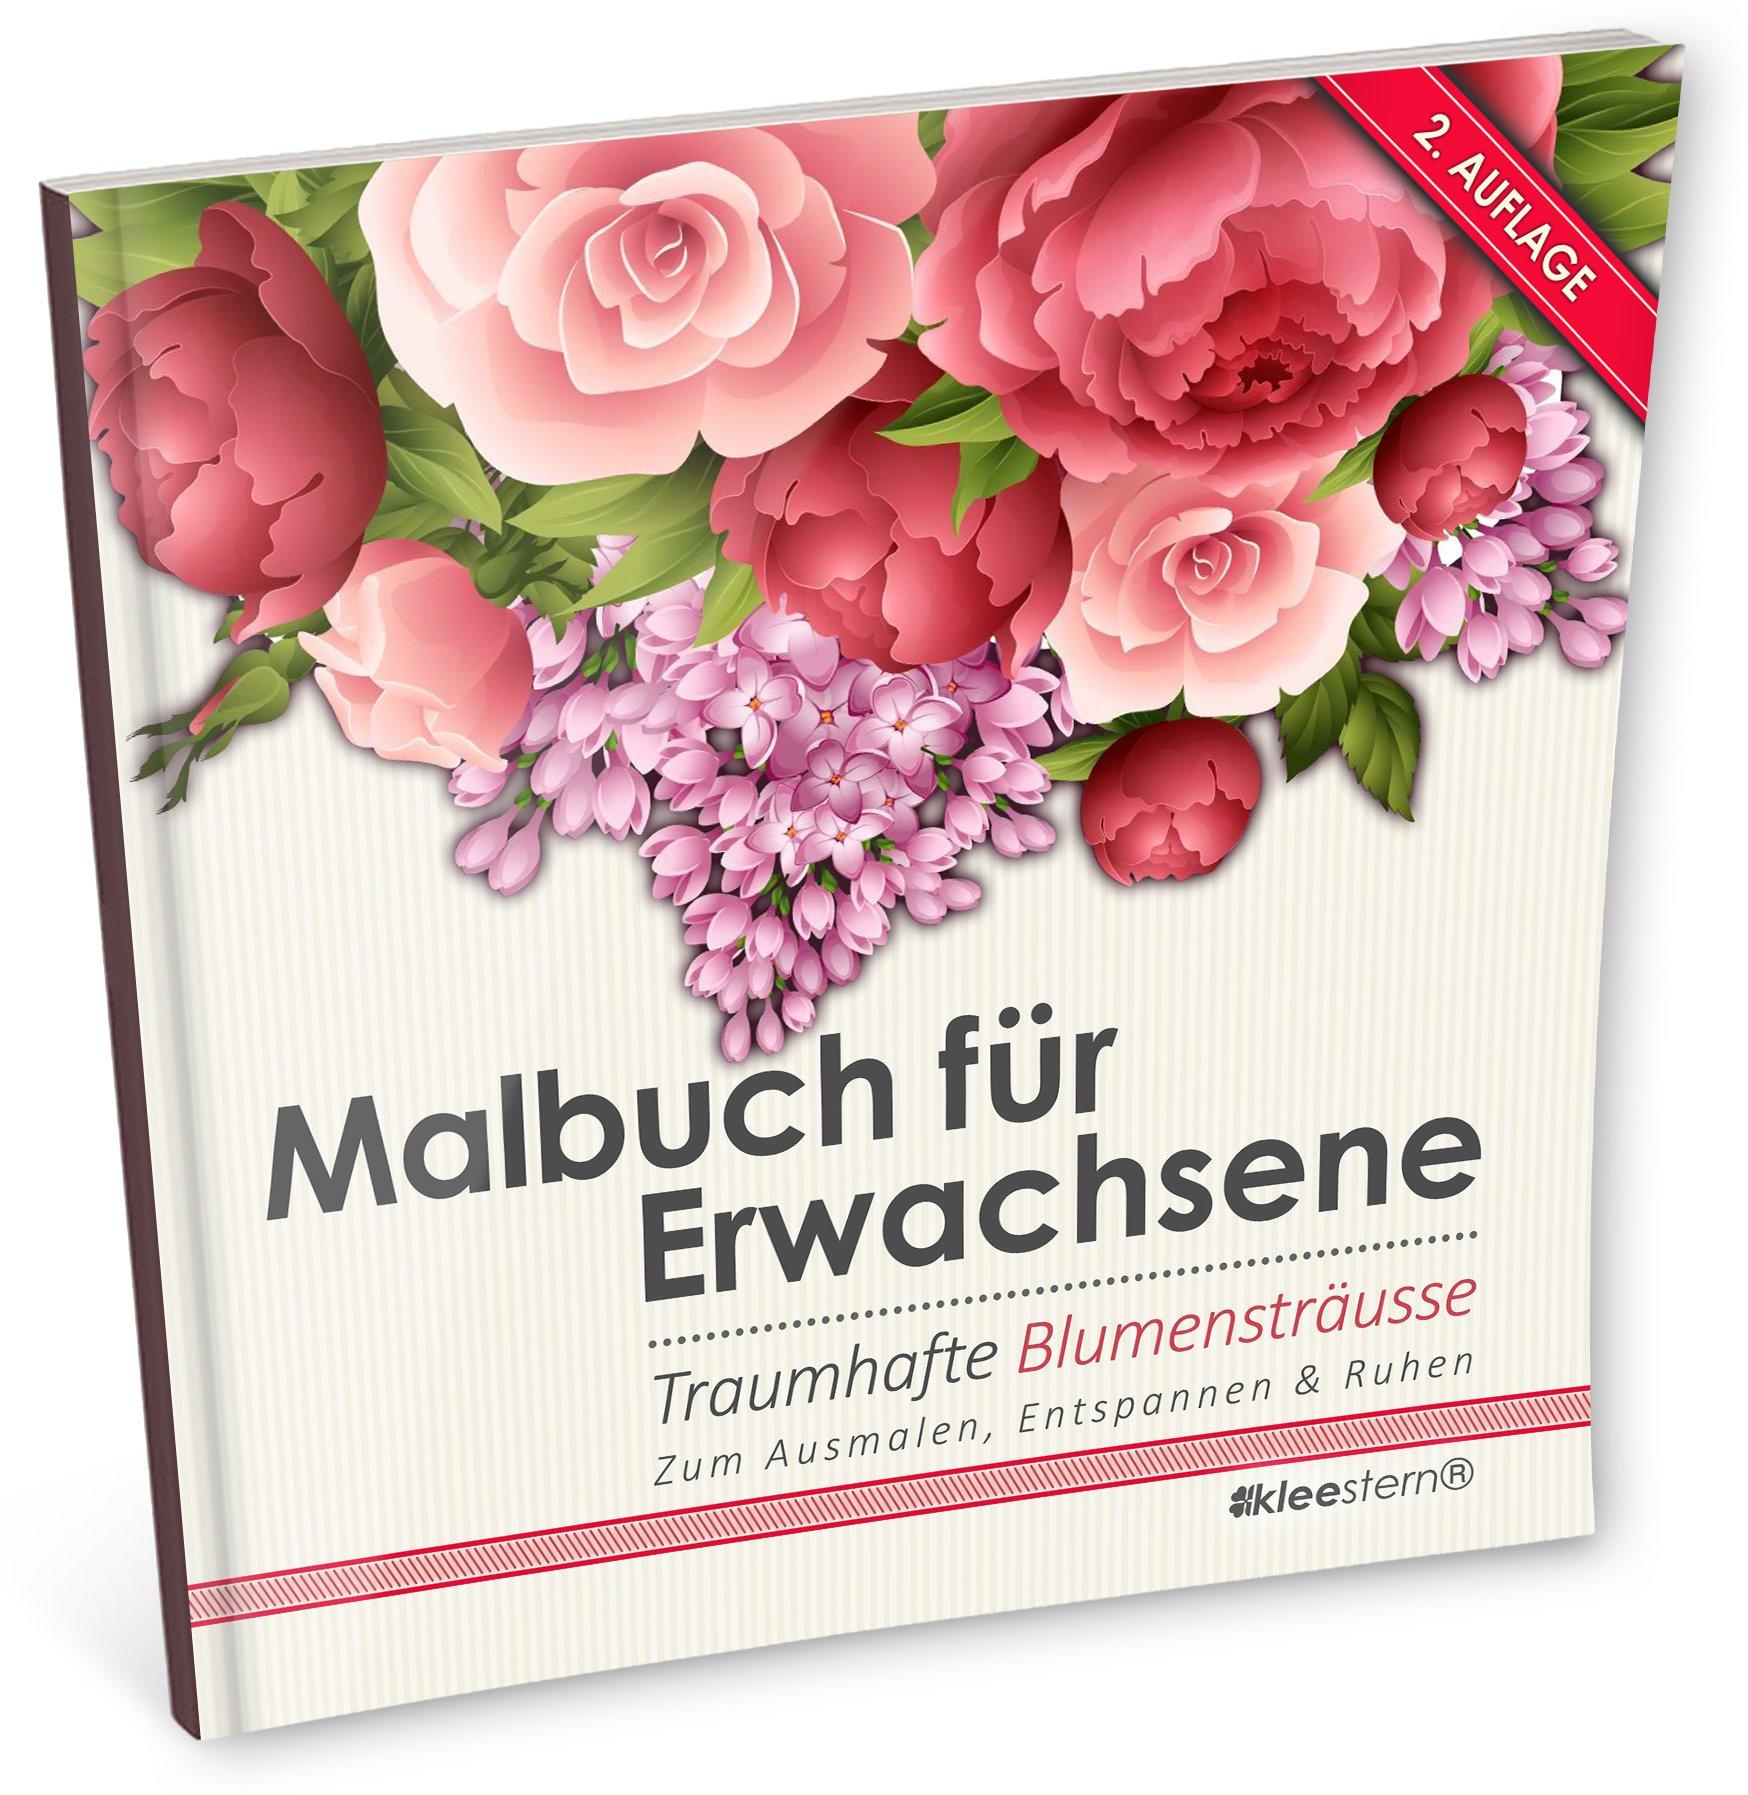 Malbuch für Erwachsene: Traumhafte Blumensträusse zum Ausmalen ...